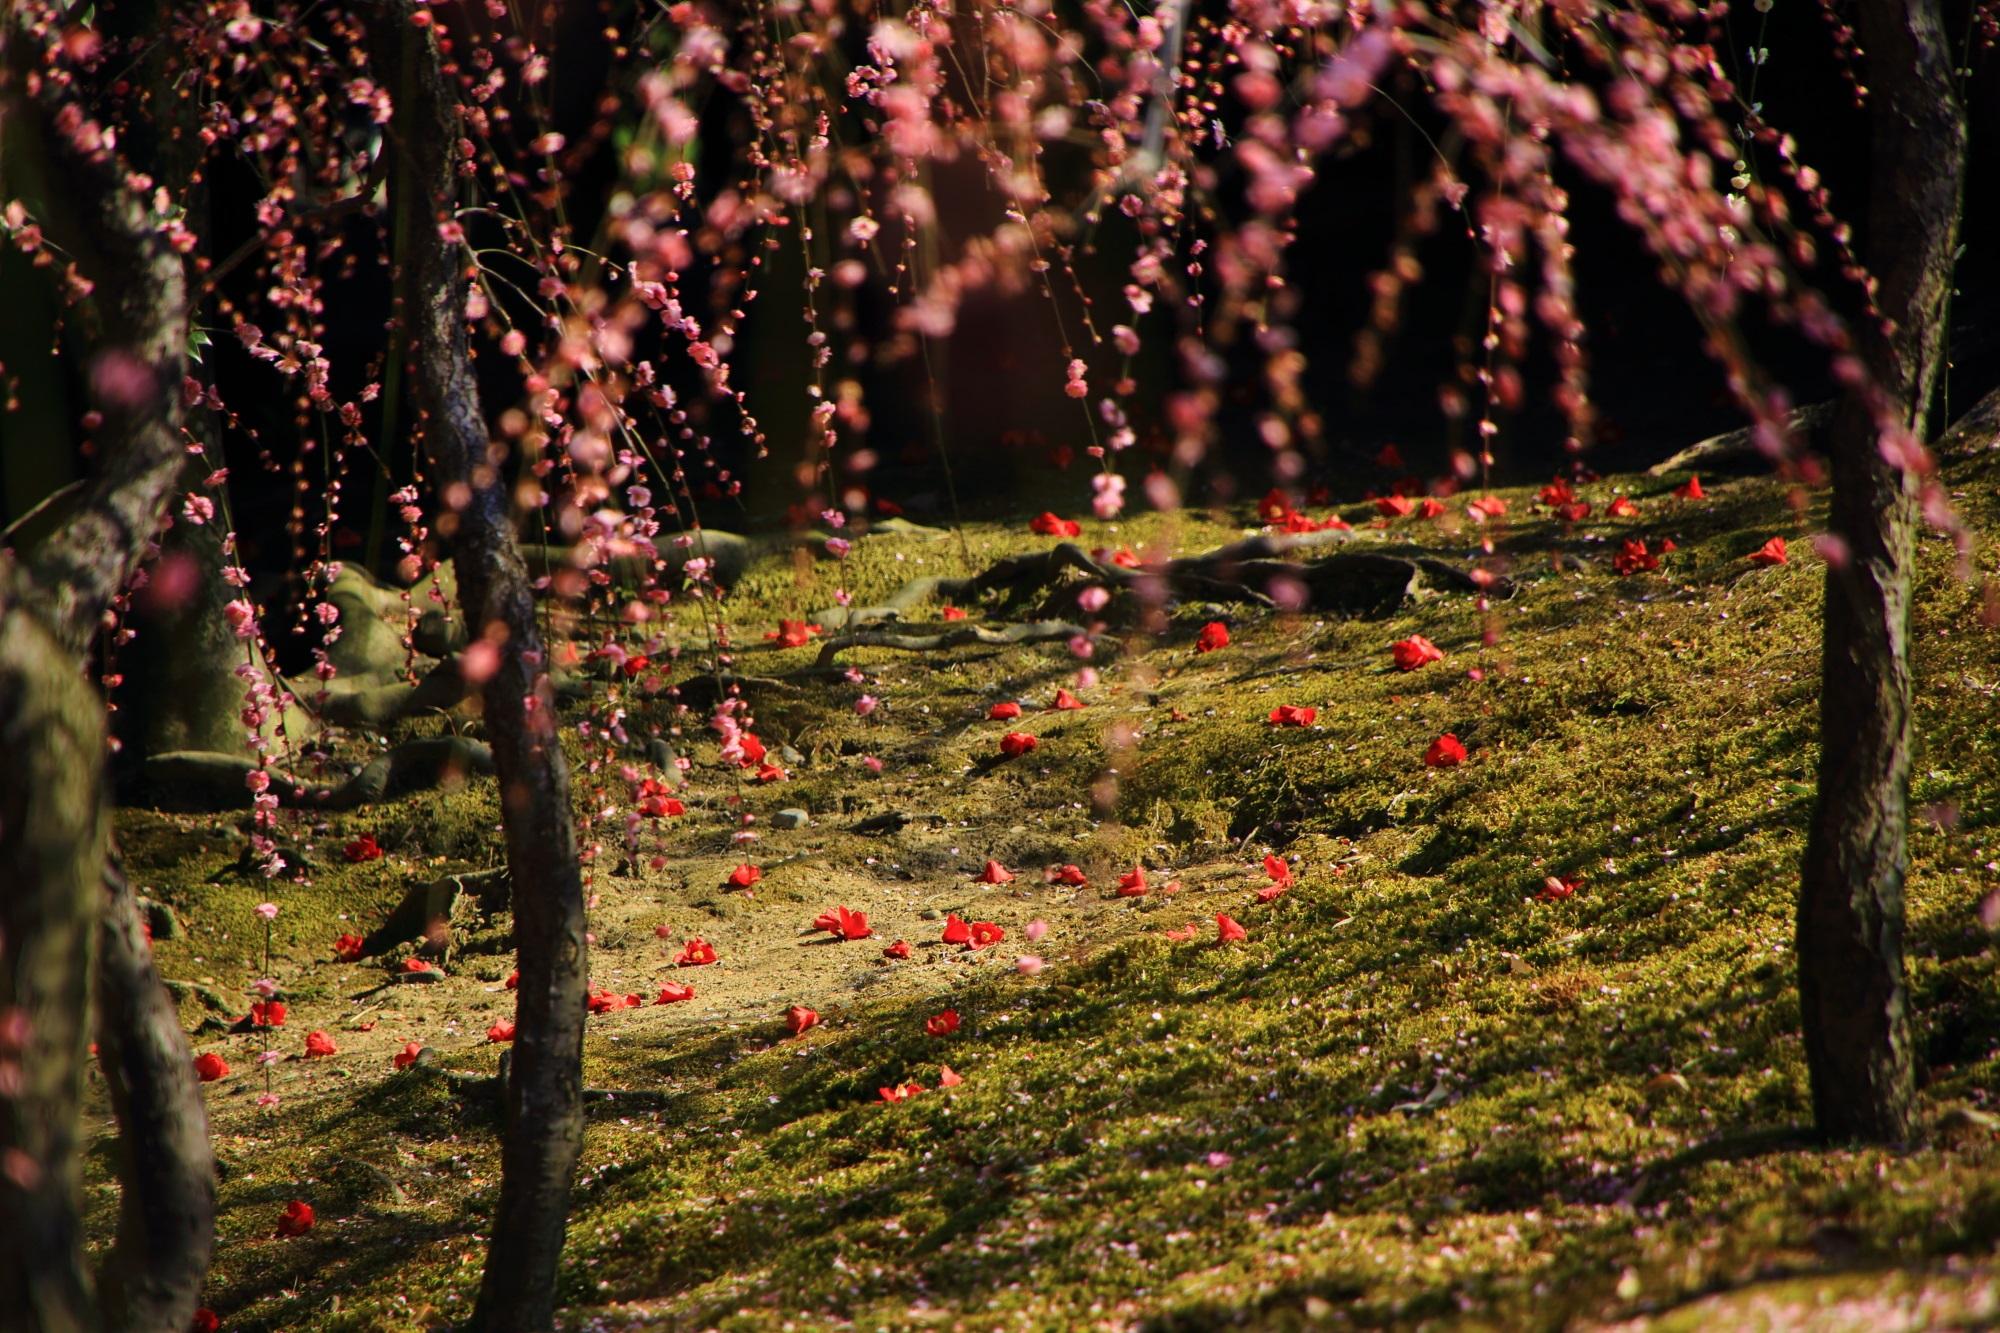 鮮烈な真っ赤な散り椿を引き立てるしだれ梅